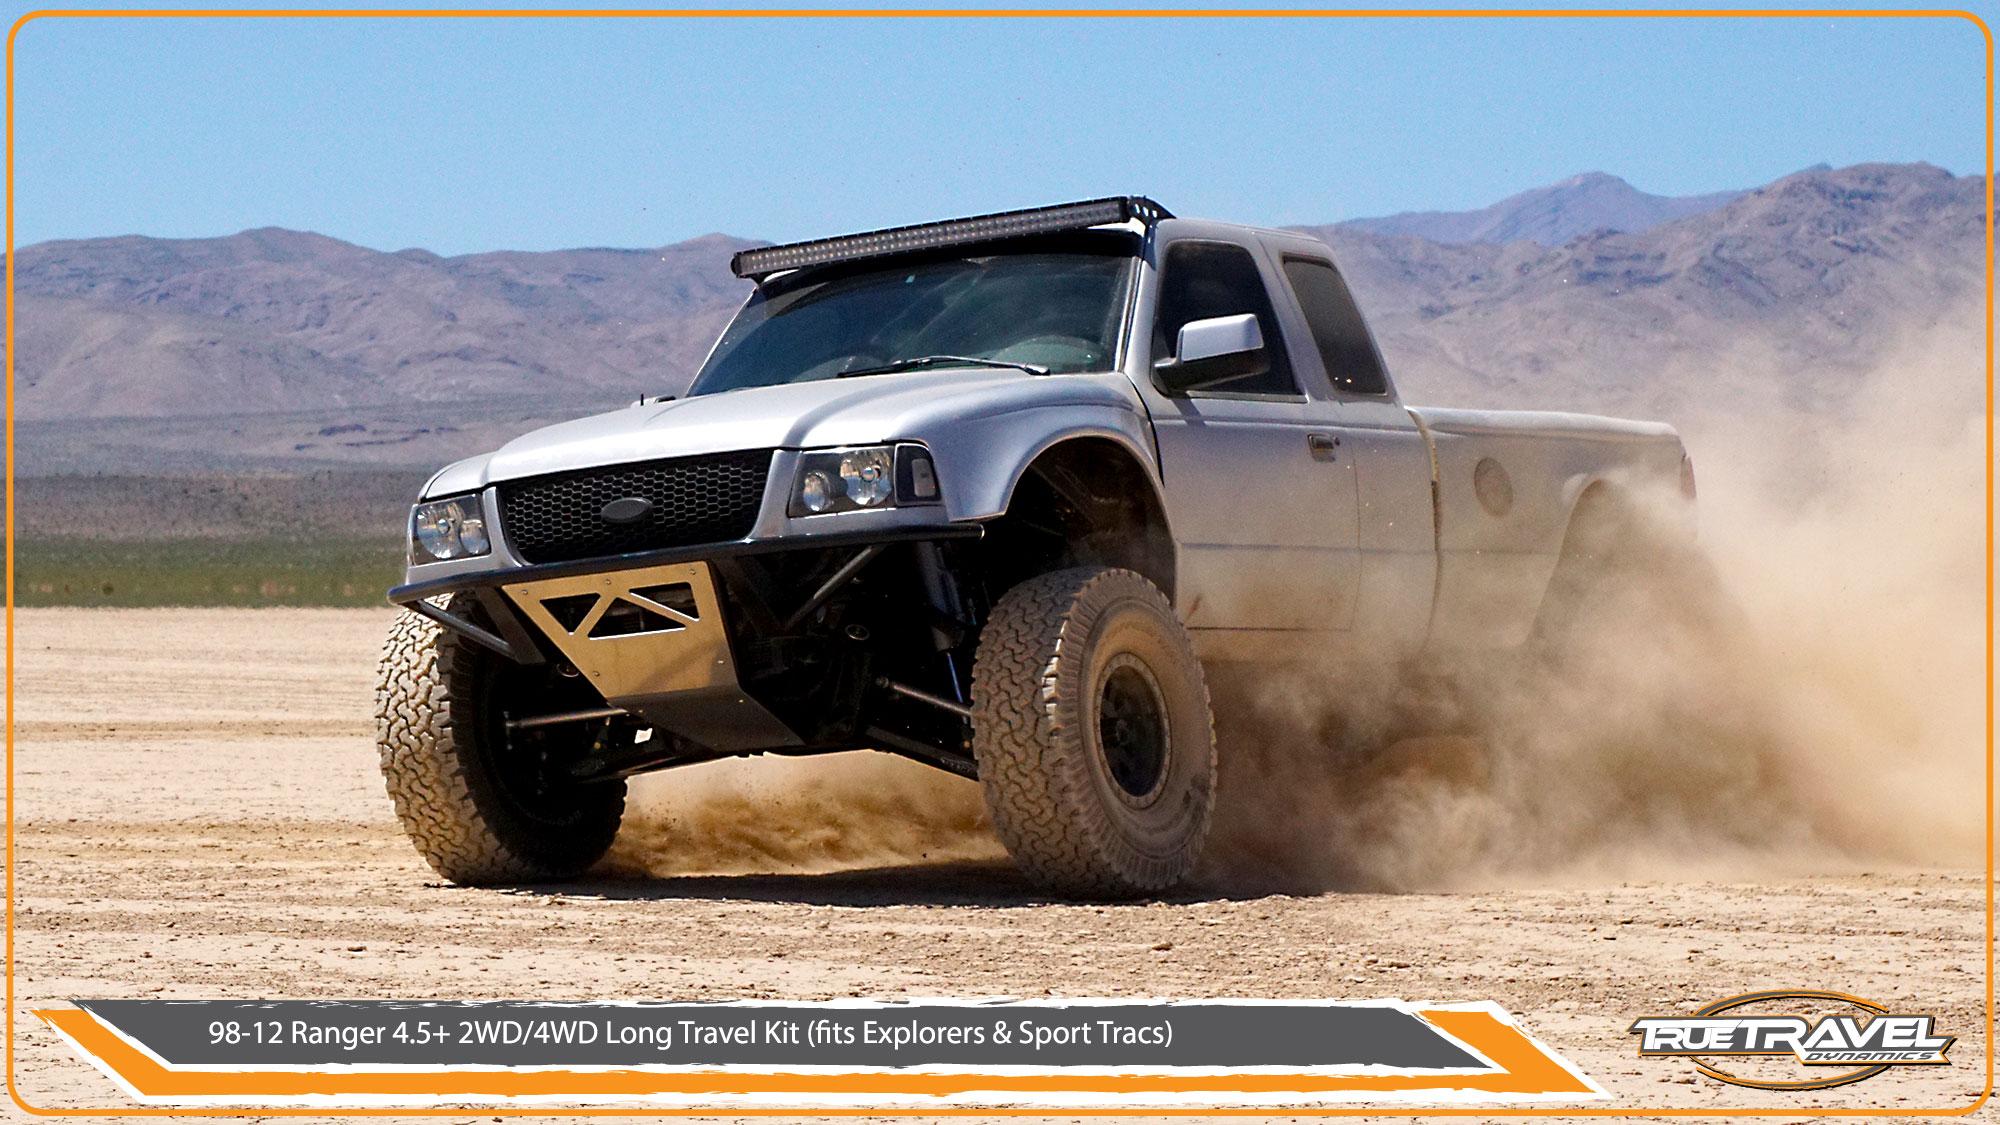 98 12 Ford Ranger 4wd 4 5 Long Travel Kit